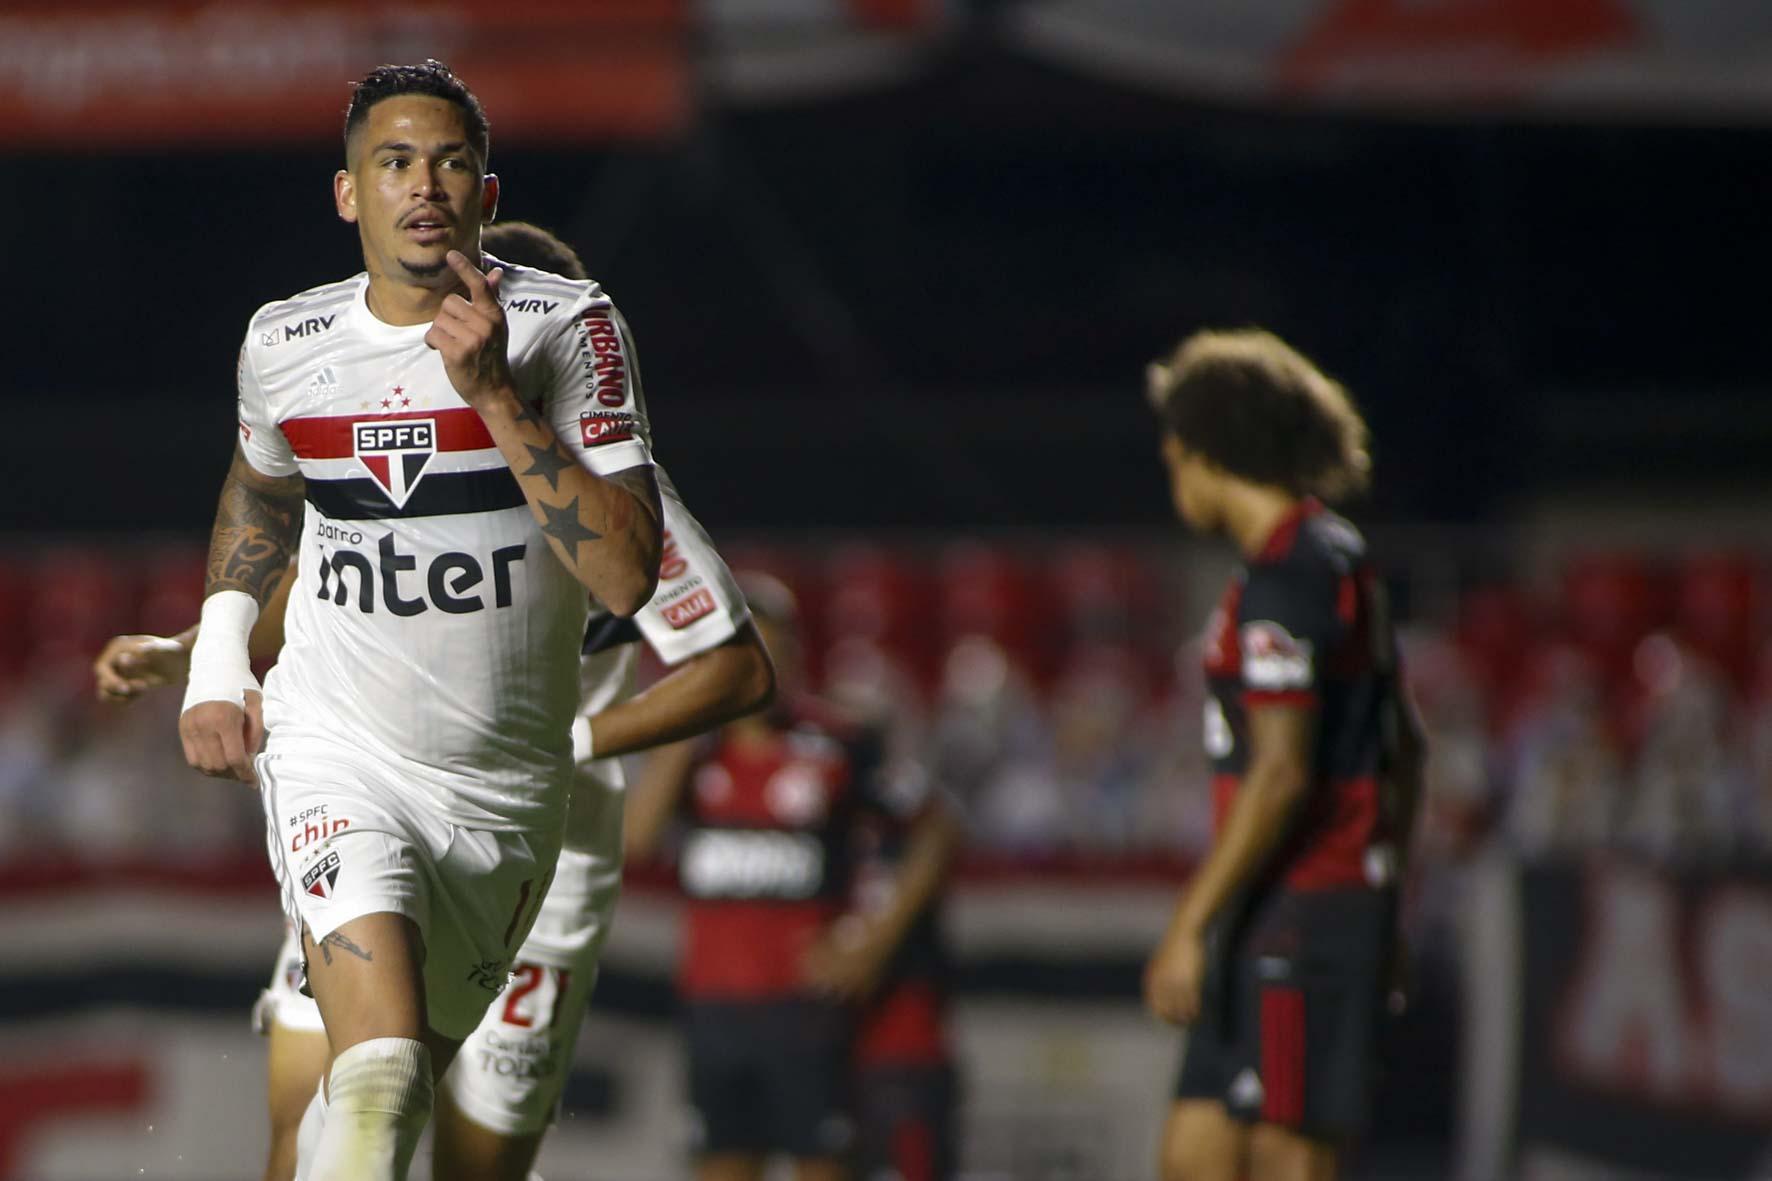 Luciano com a camisa do São Paulo FC (Foto: São Paulo FC)